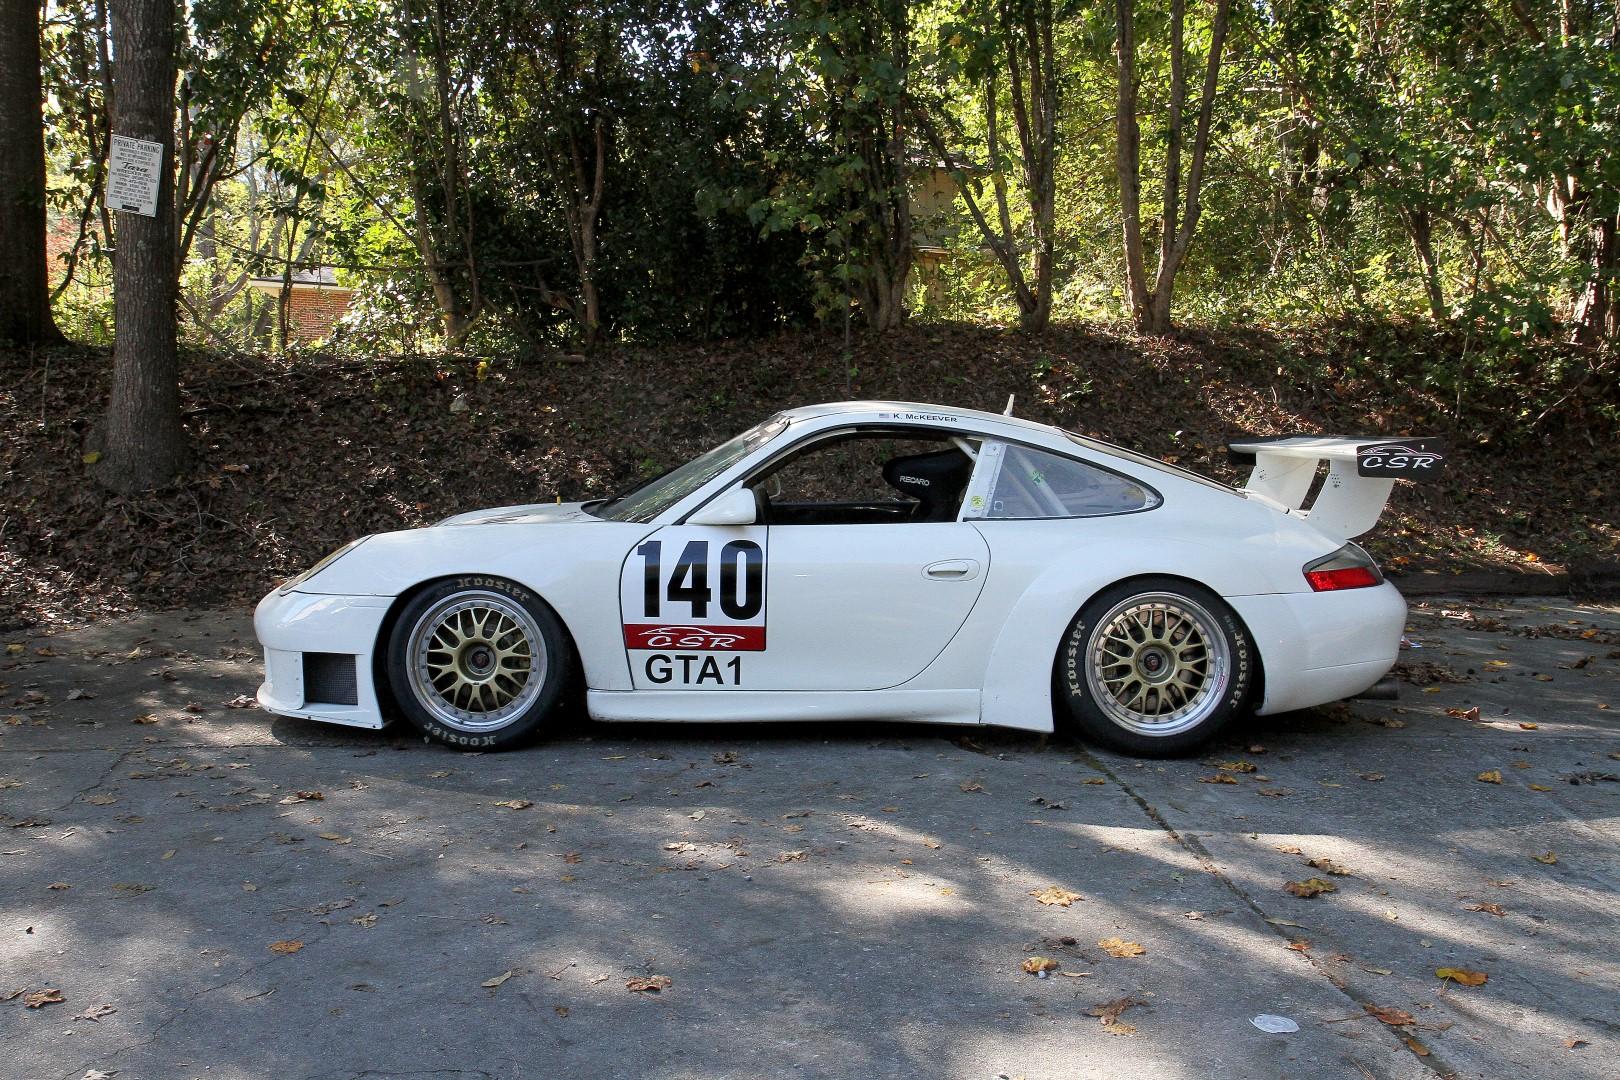 2000 Porsche 996 GT3RS